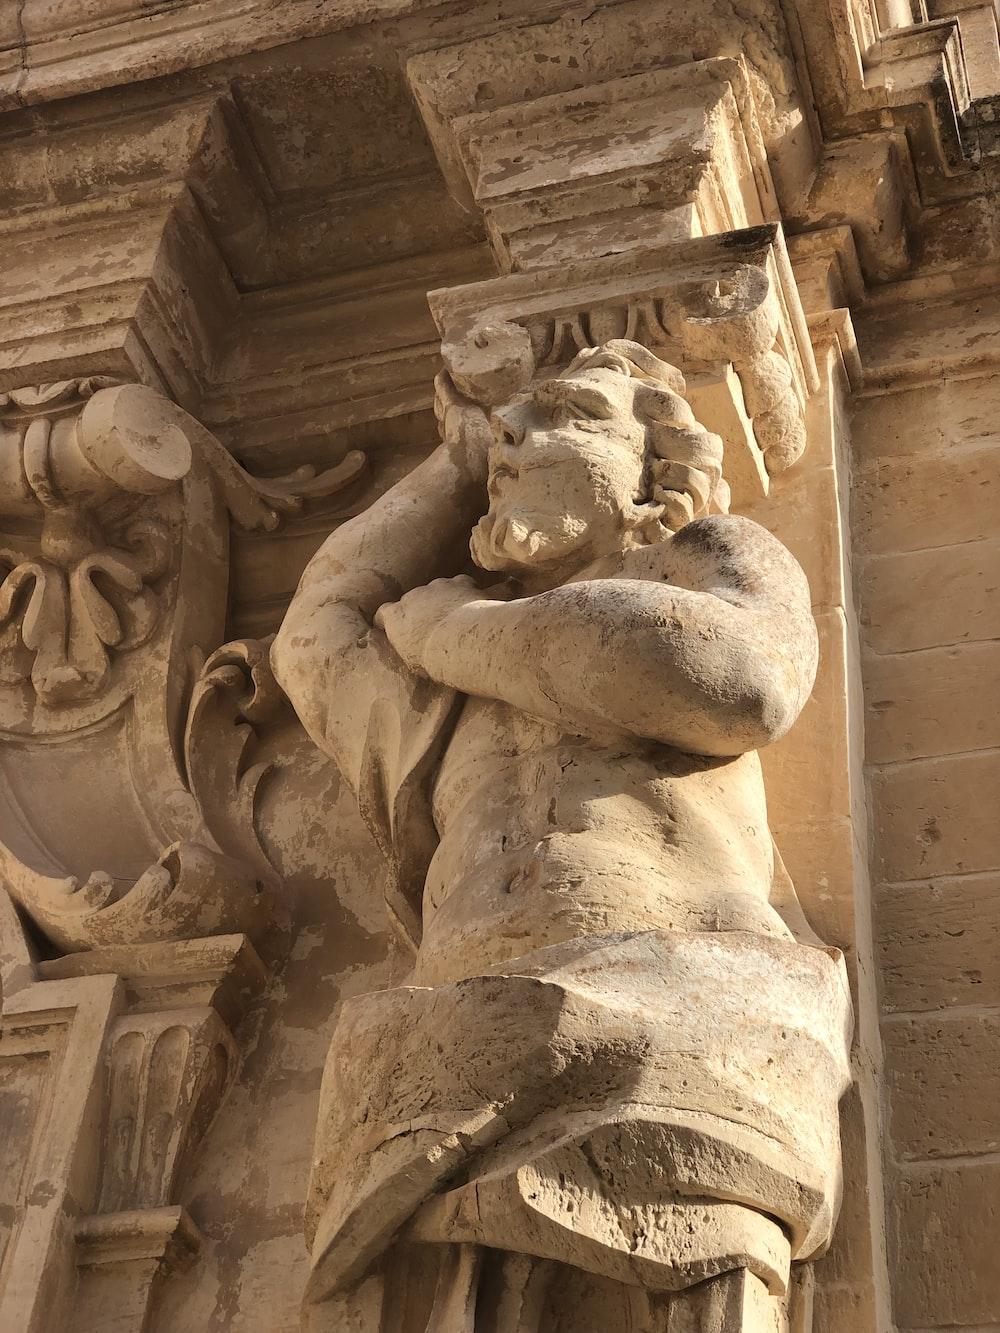 man's sculpture